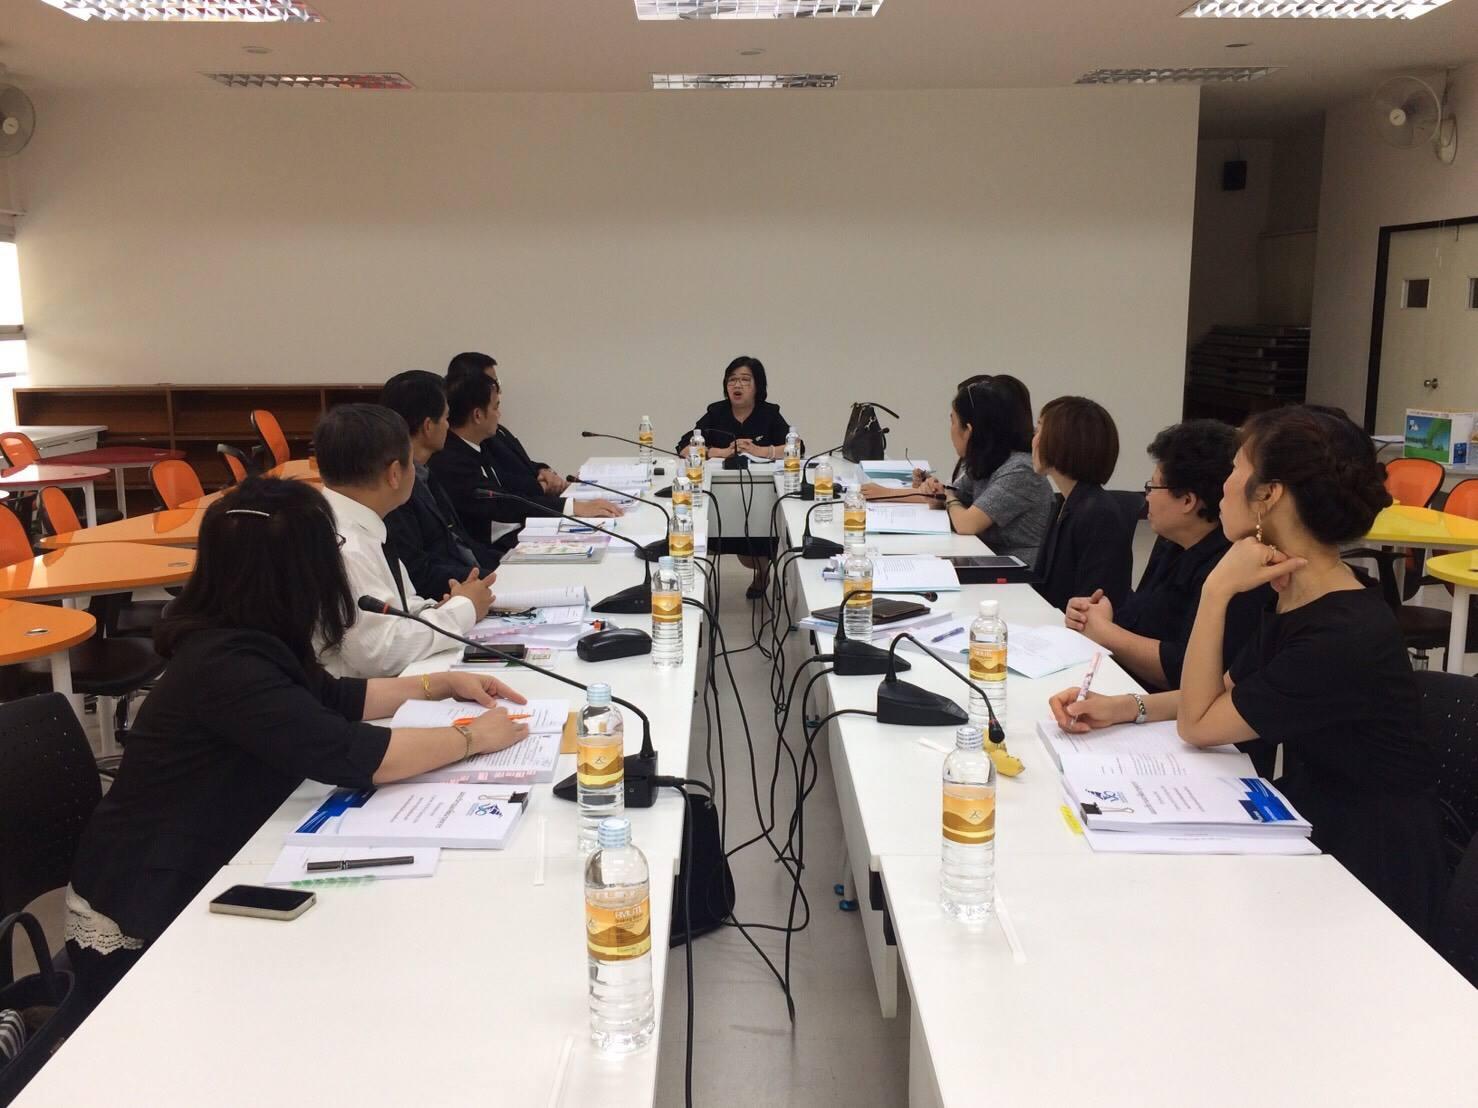 การประชุมคณะกรรมการประจำคณะบริหารธุรกิจและศิลปศาสตร์ ครั้งที่ 91 (3/2560)